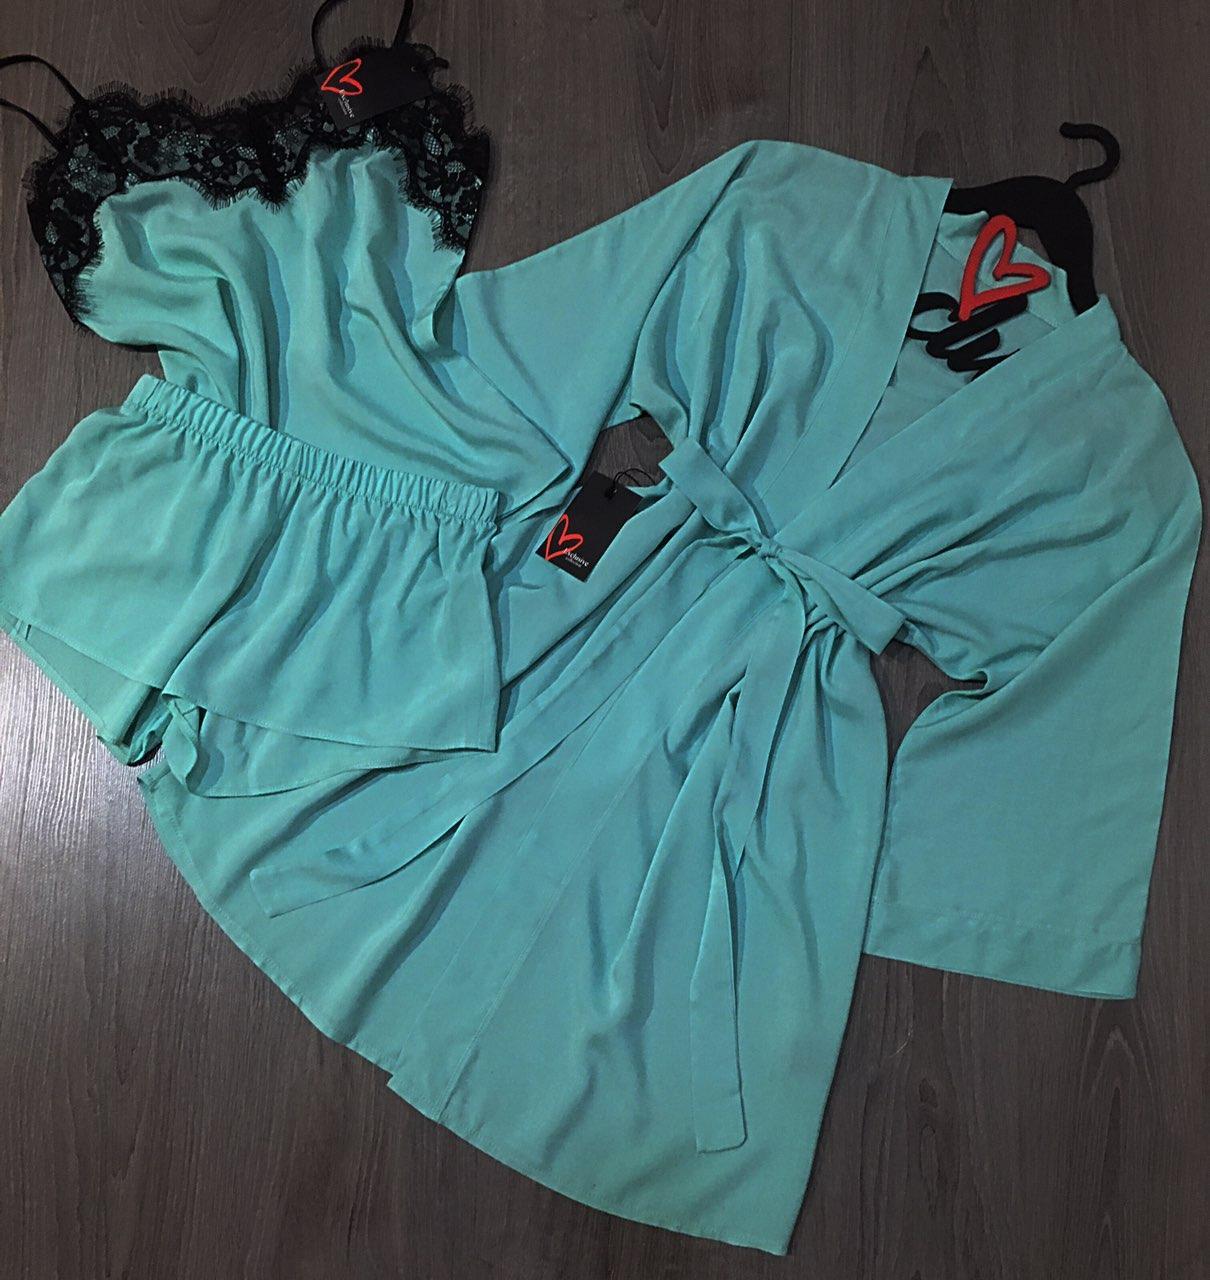 e56988f1e92bb4b Мятный хлопковый домашний комплект халат+пижама.: продажа, цена в ...